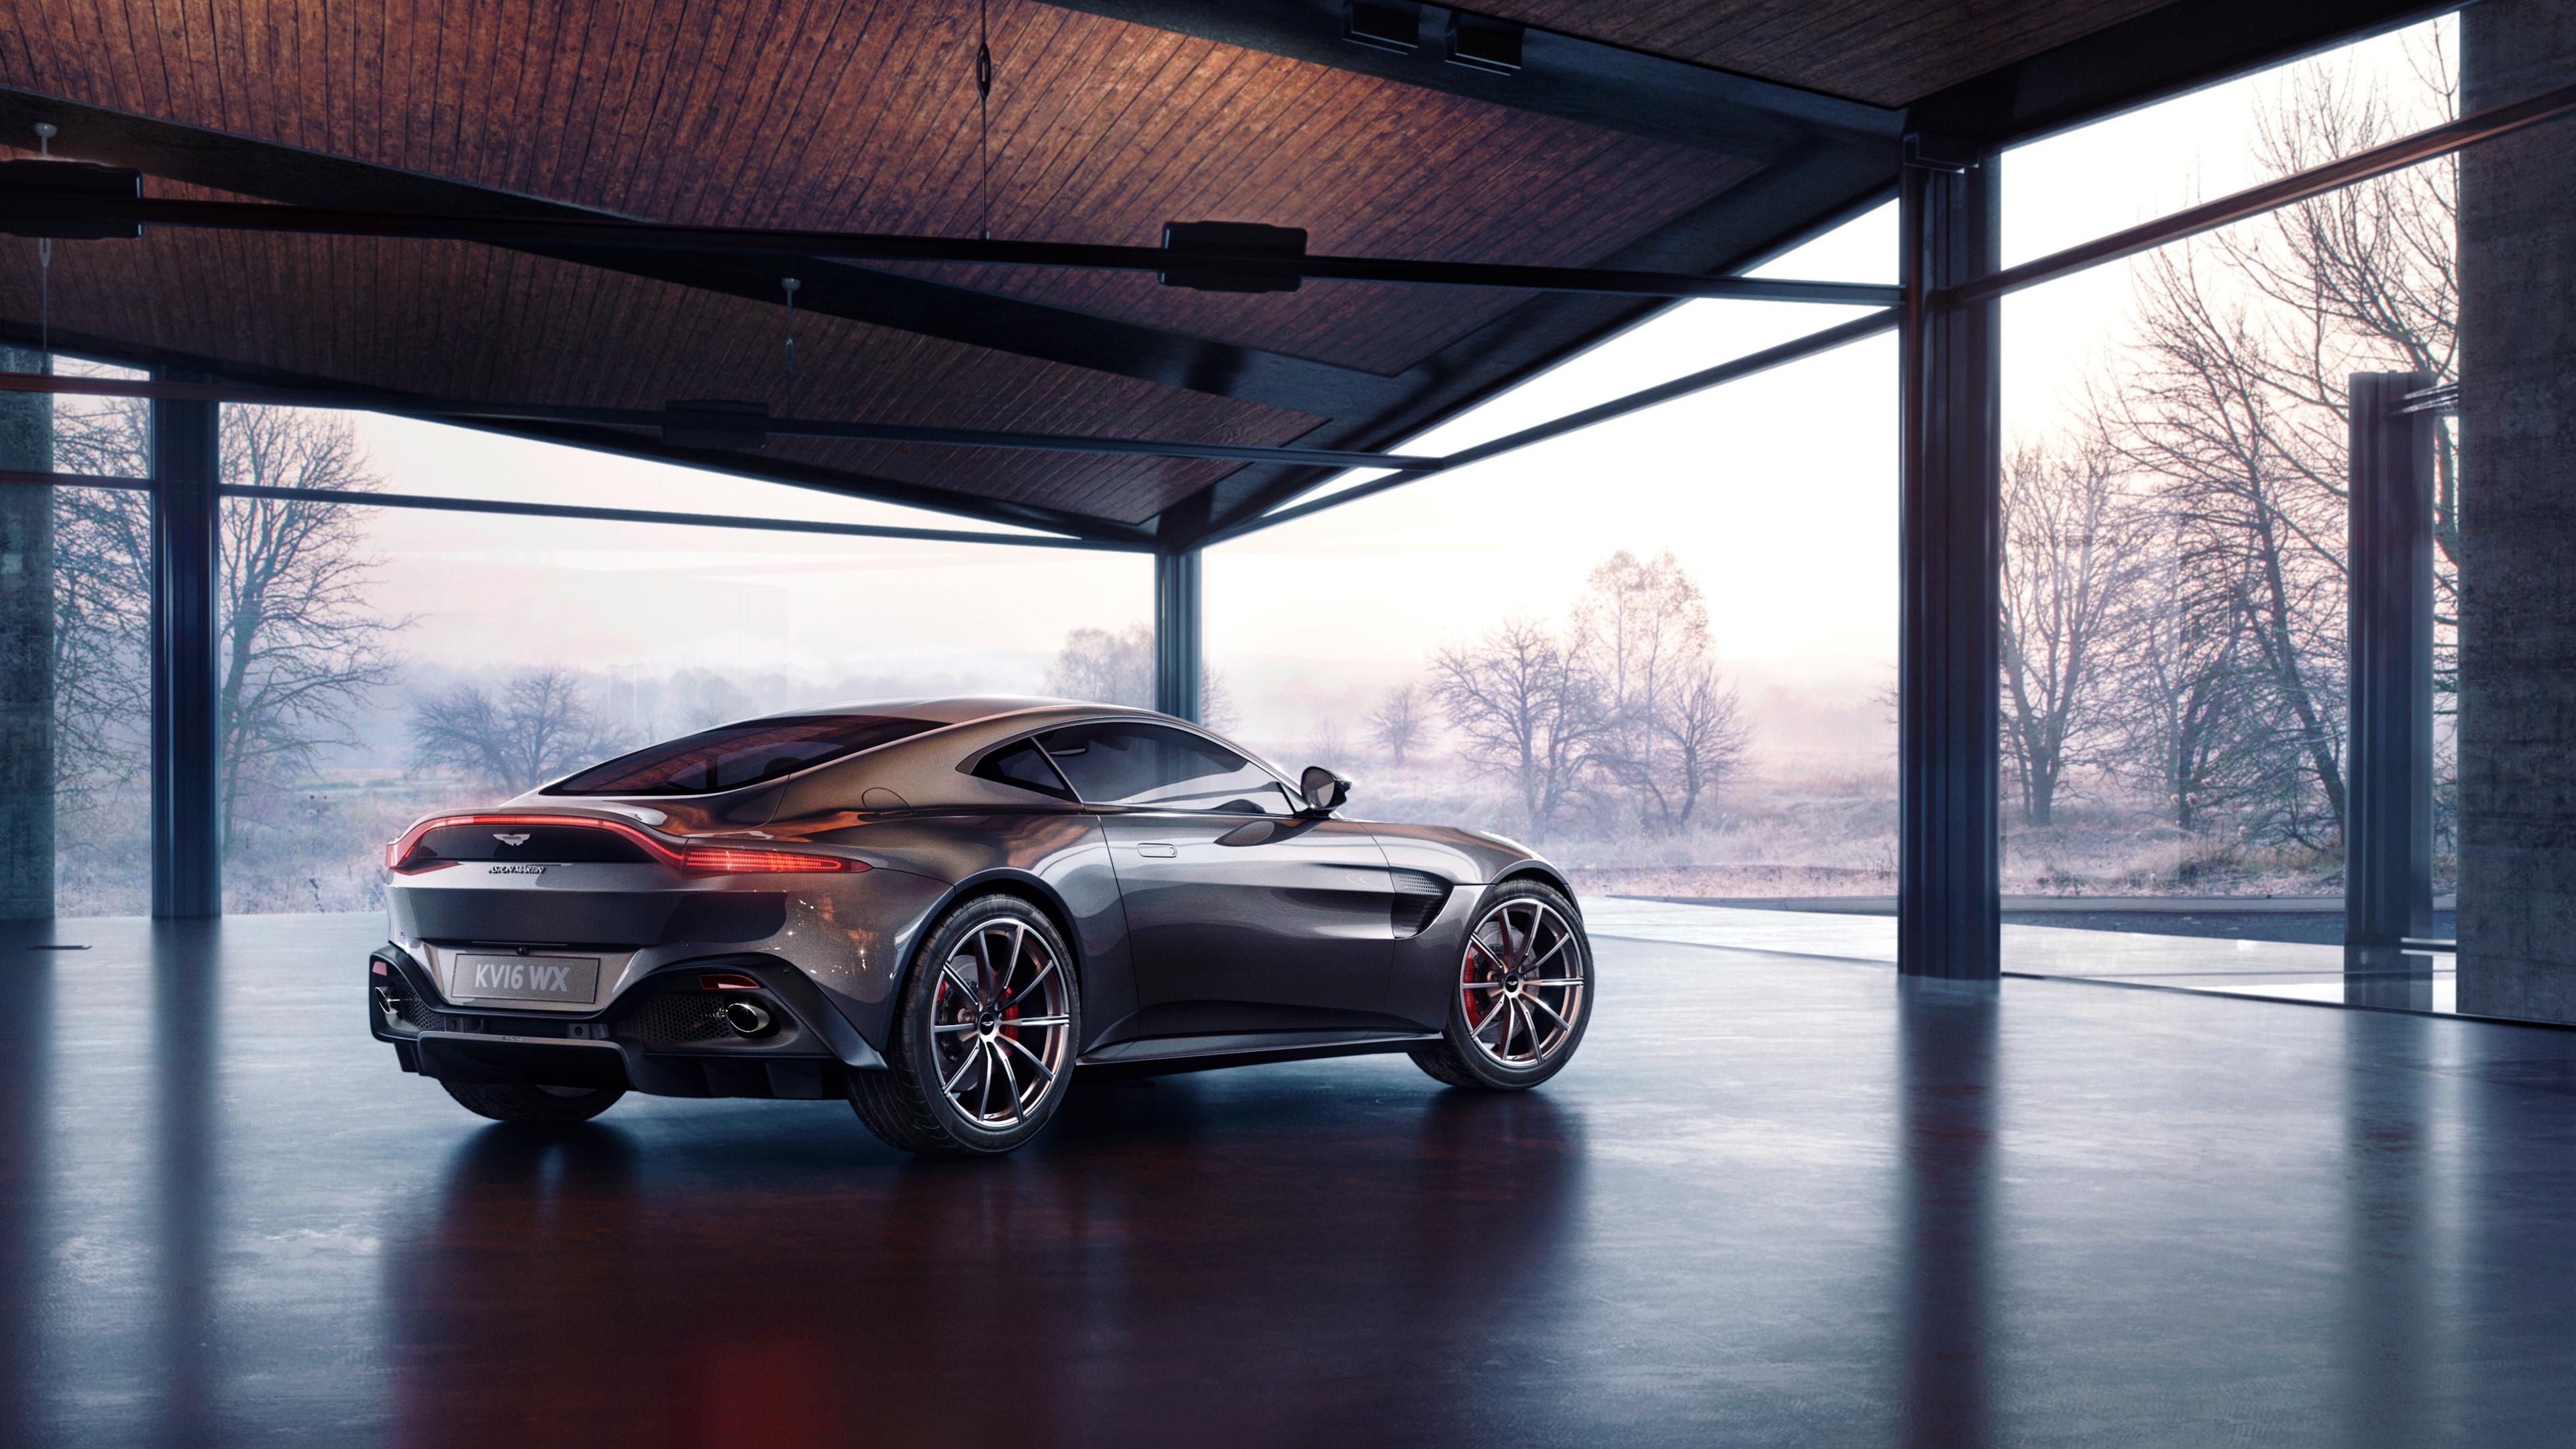 Wallpaper 4k Aston Martin Vantage Rear 2019 Cars Wallpapers